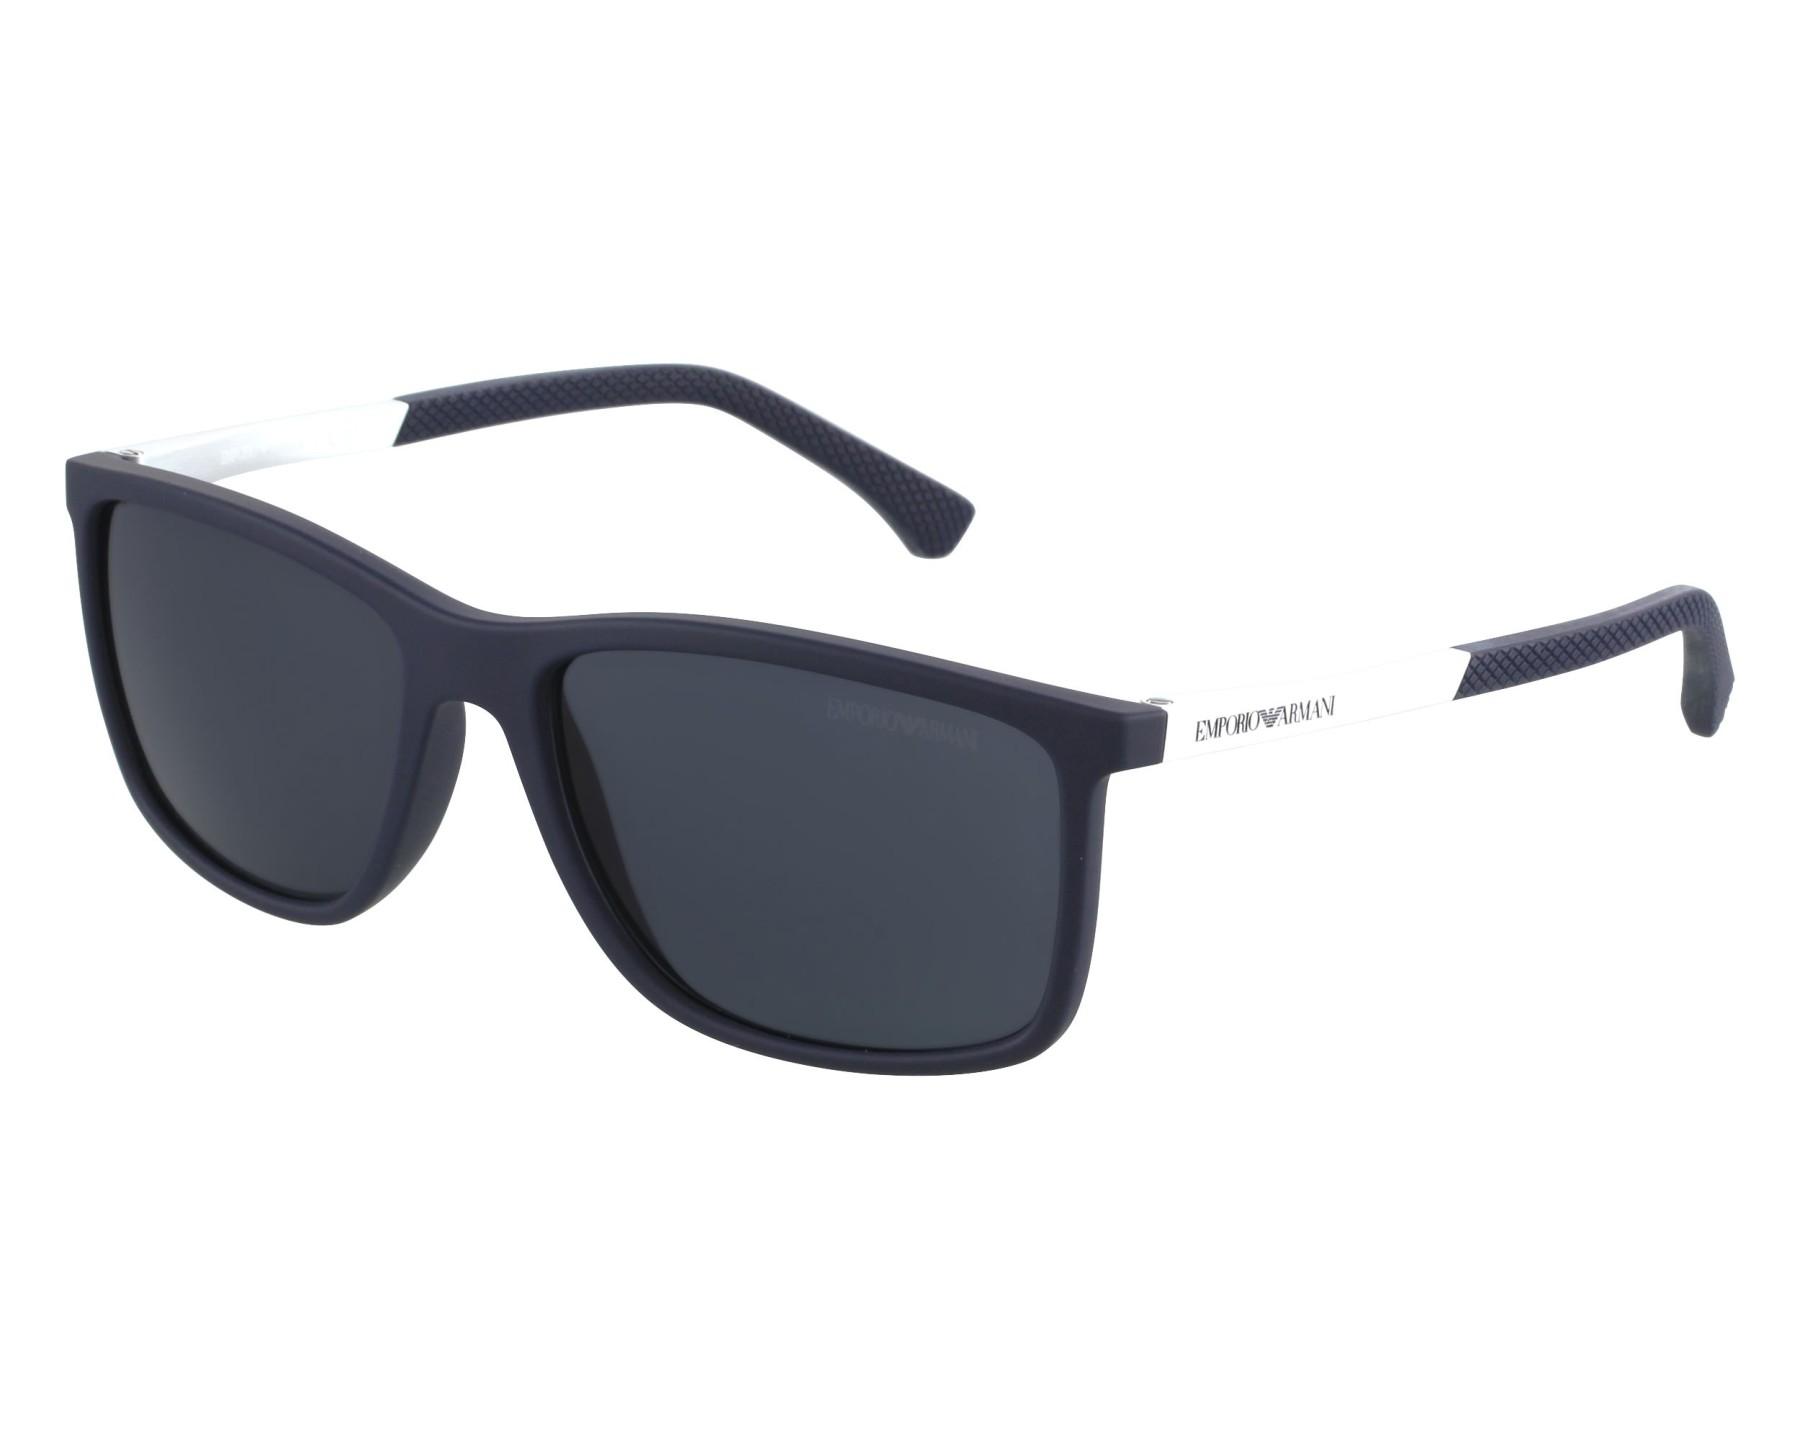 ed9885e938abc Sunglasses Emporio Armani EA-4058 5474 87 58-17 Blue Silver front view